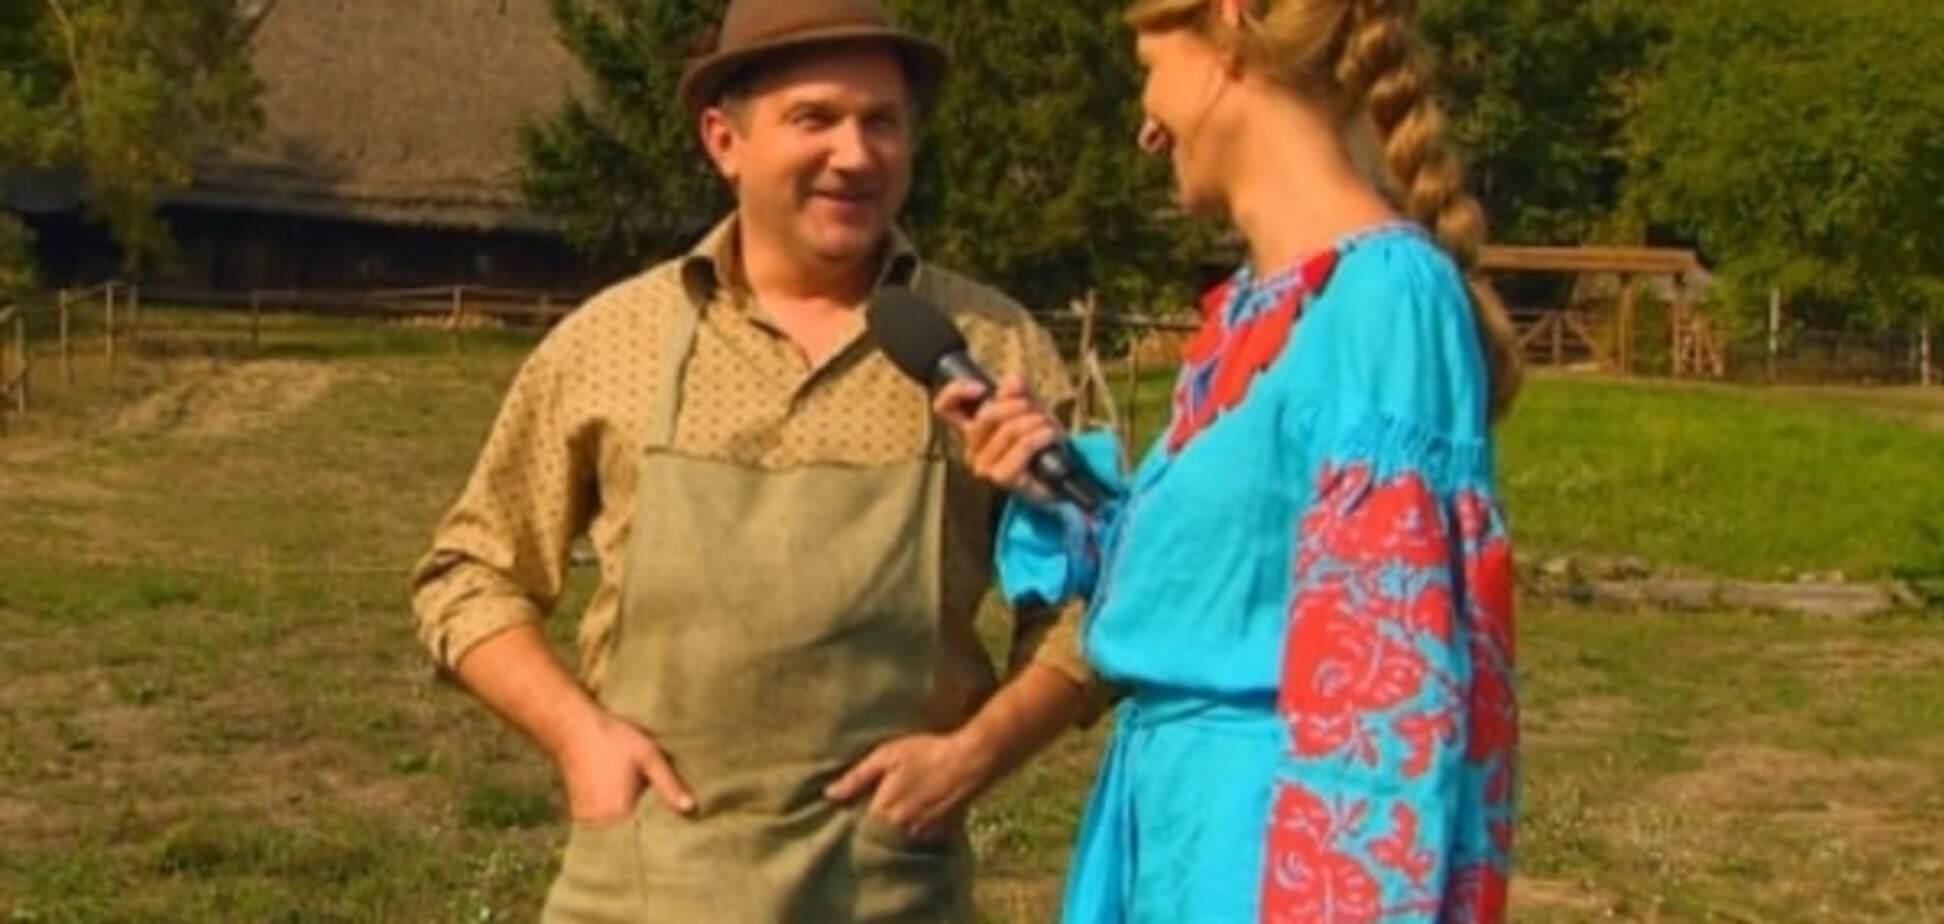 Осадчая и Горбунов не смогли скрыть флирт во время интервью